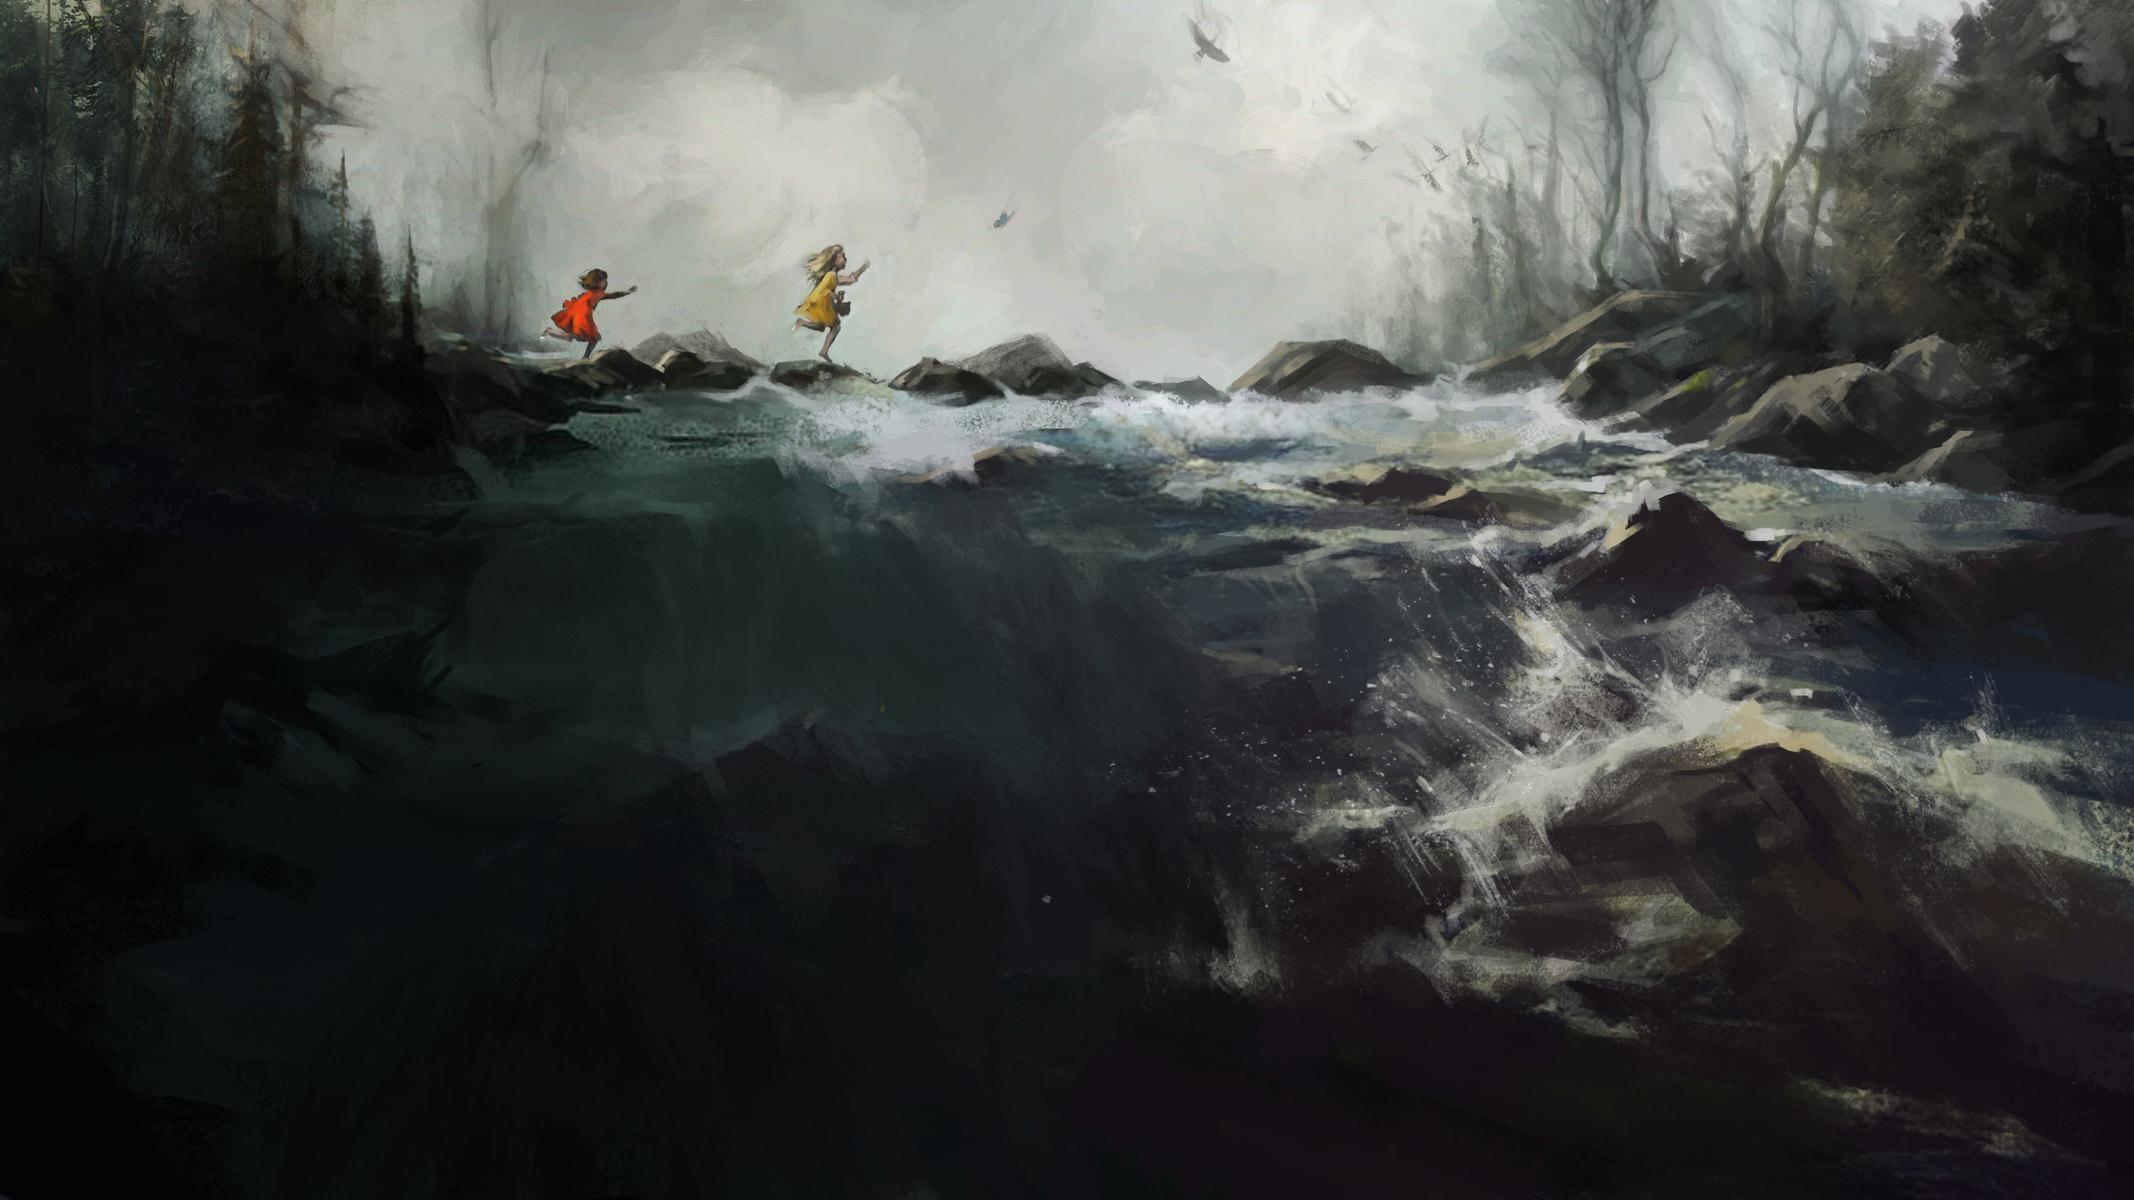 Las niñas persiguiendo al hada | Fuente: Riot Games